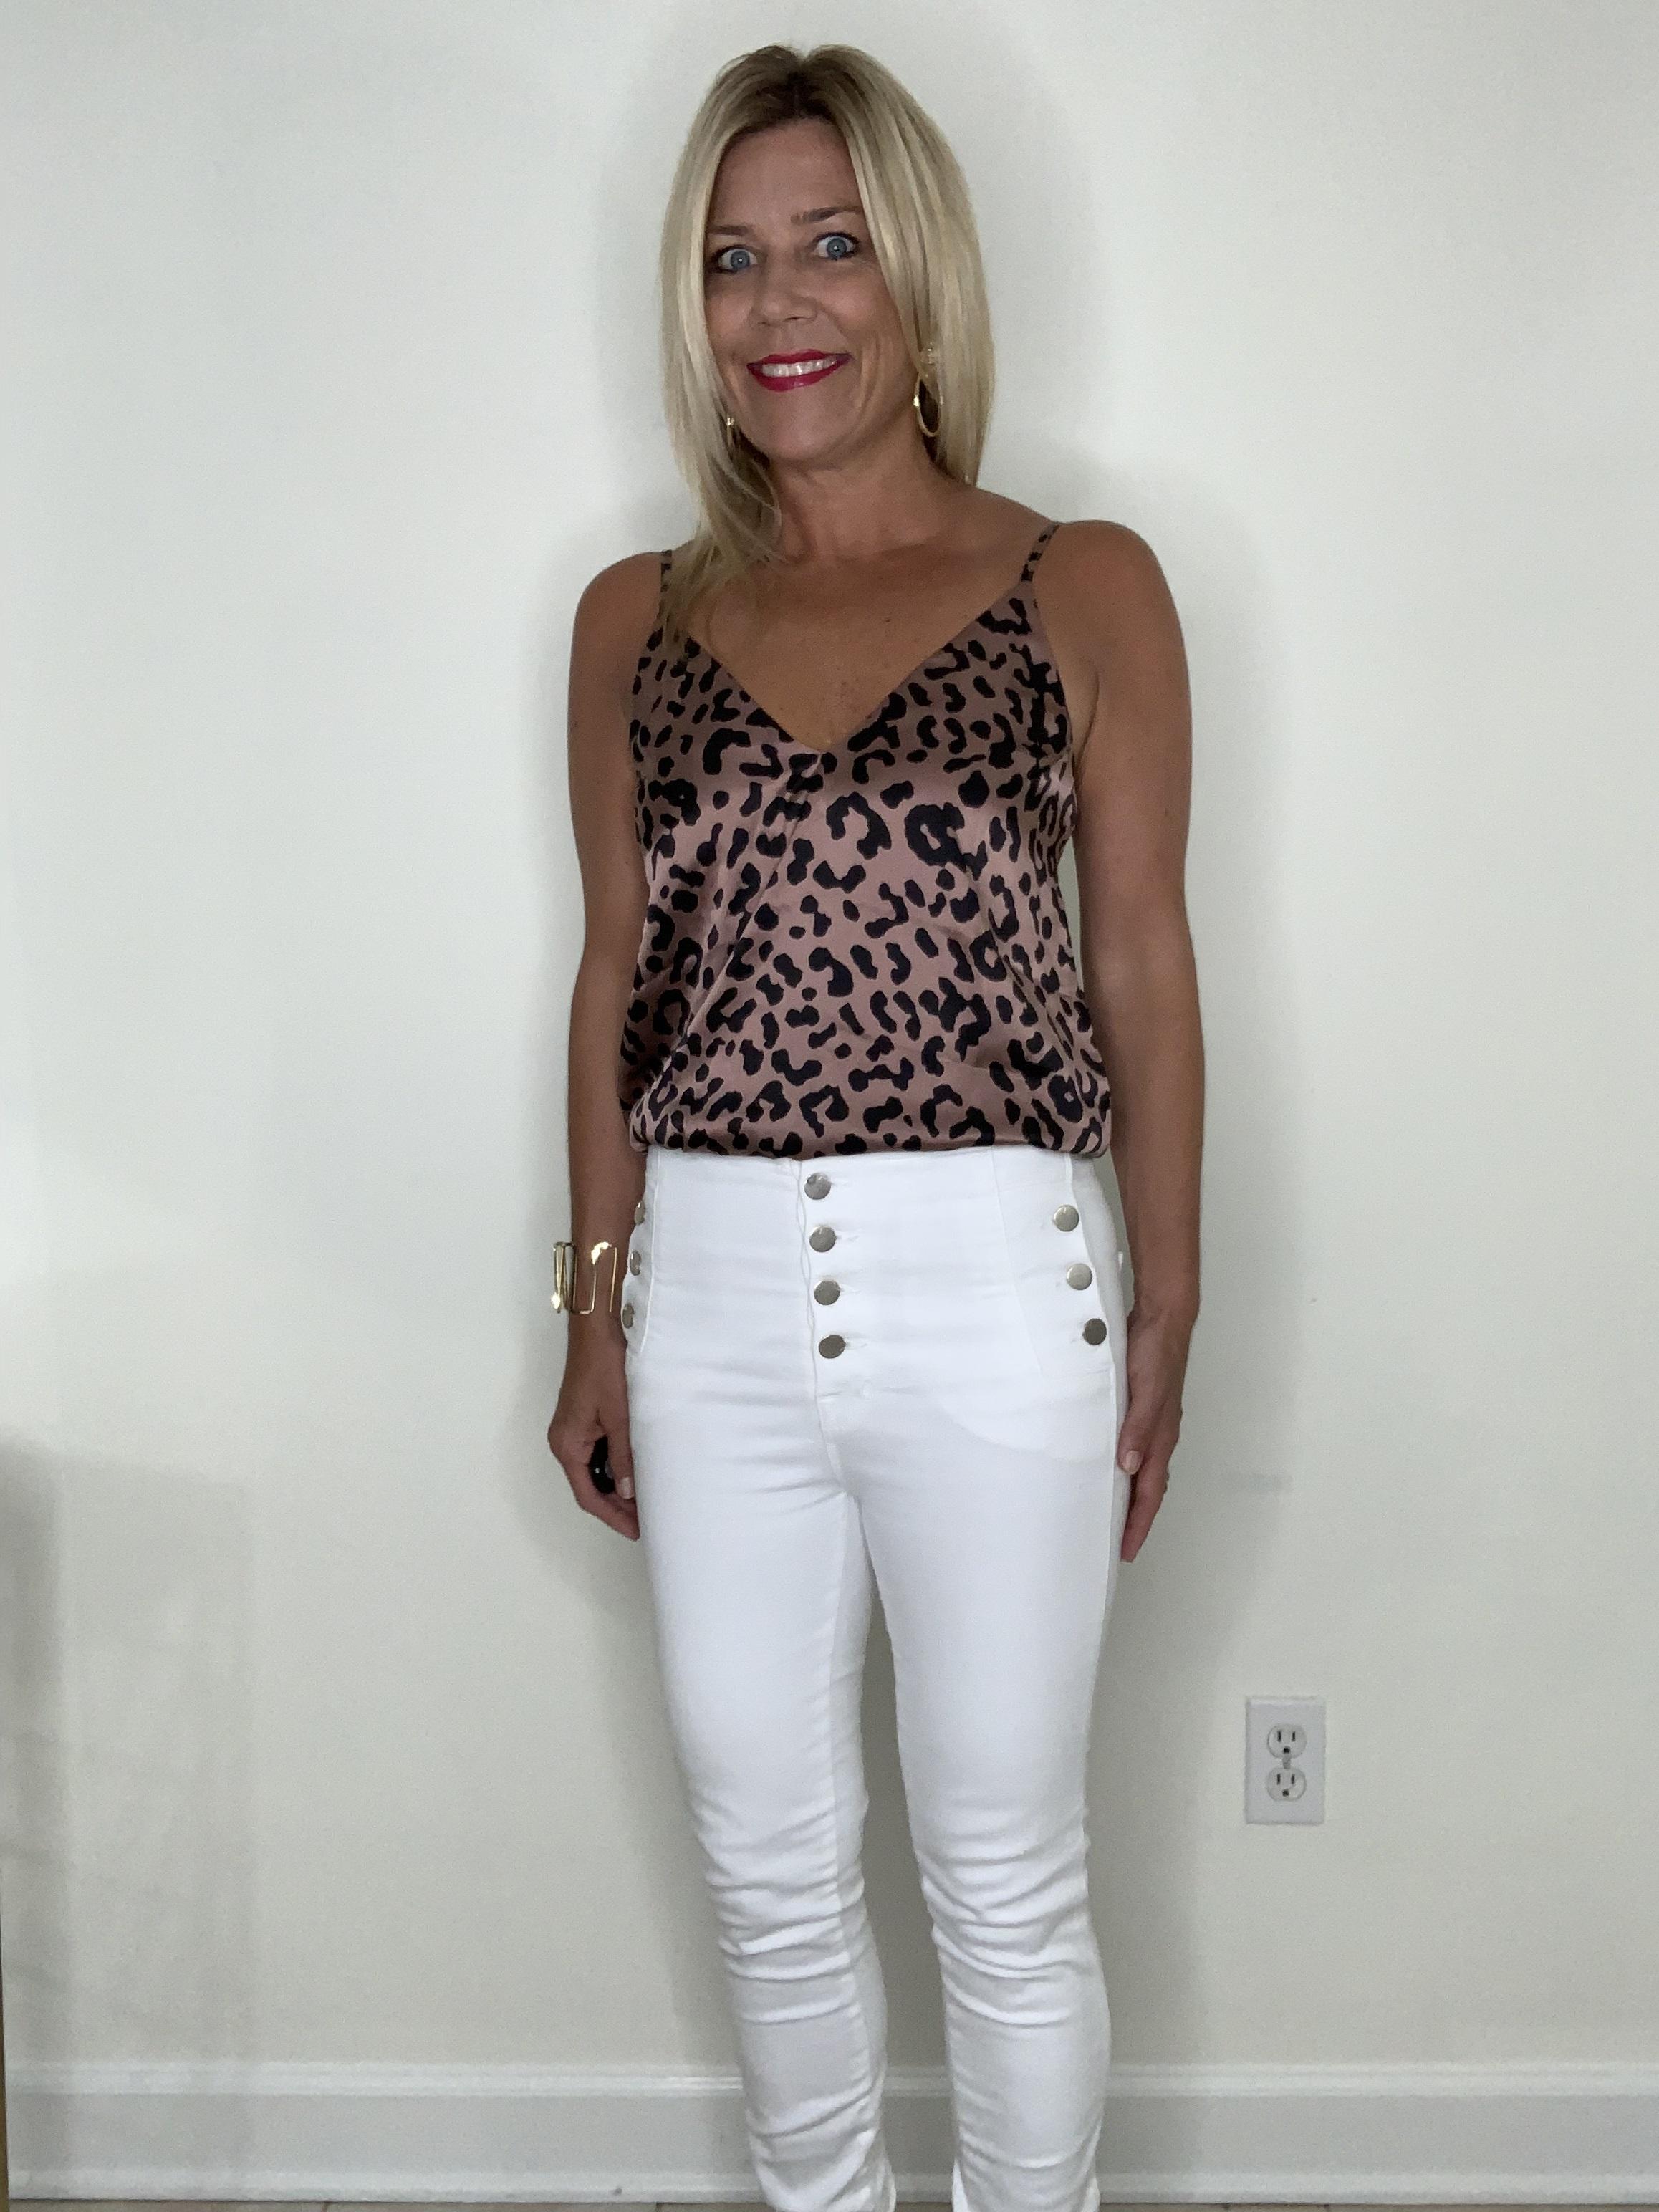 Ease Your Wardrobe Into Fall…Wear Now, Wear Later, women's silk leopard tank top, white jeans